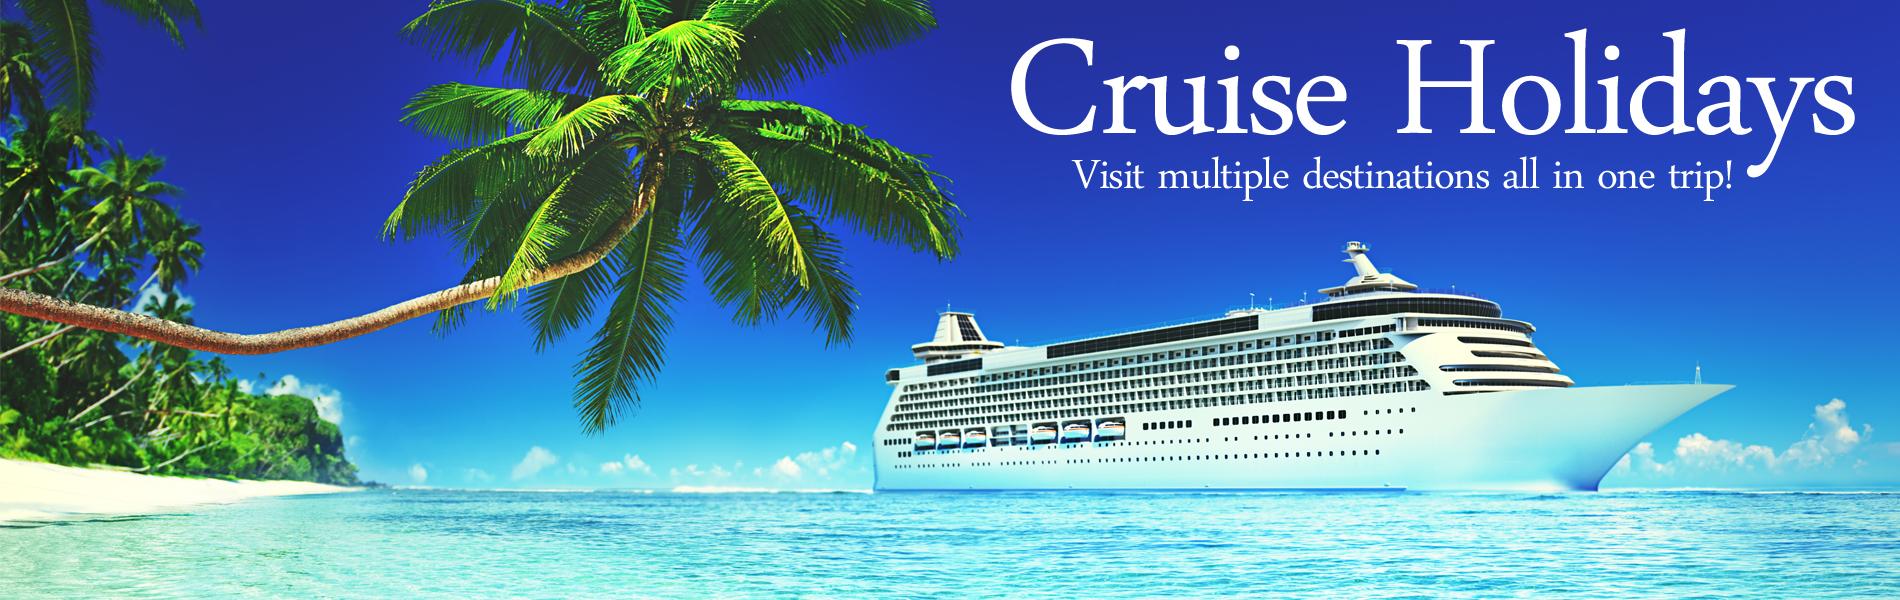 cruise holidays1